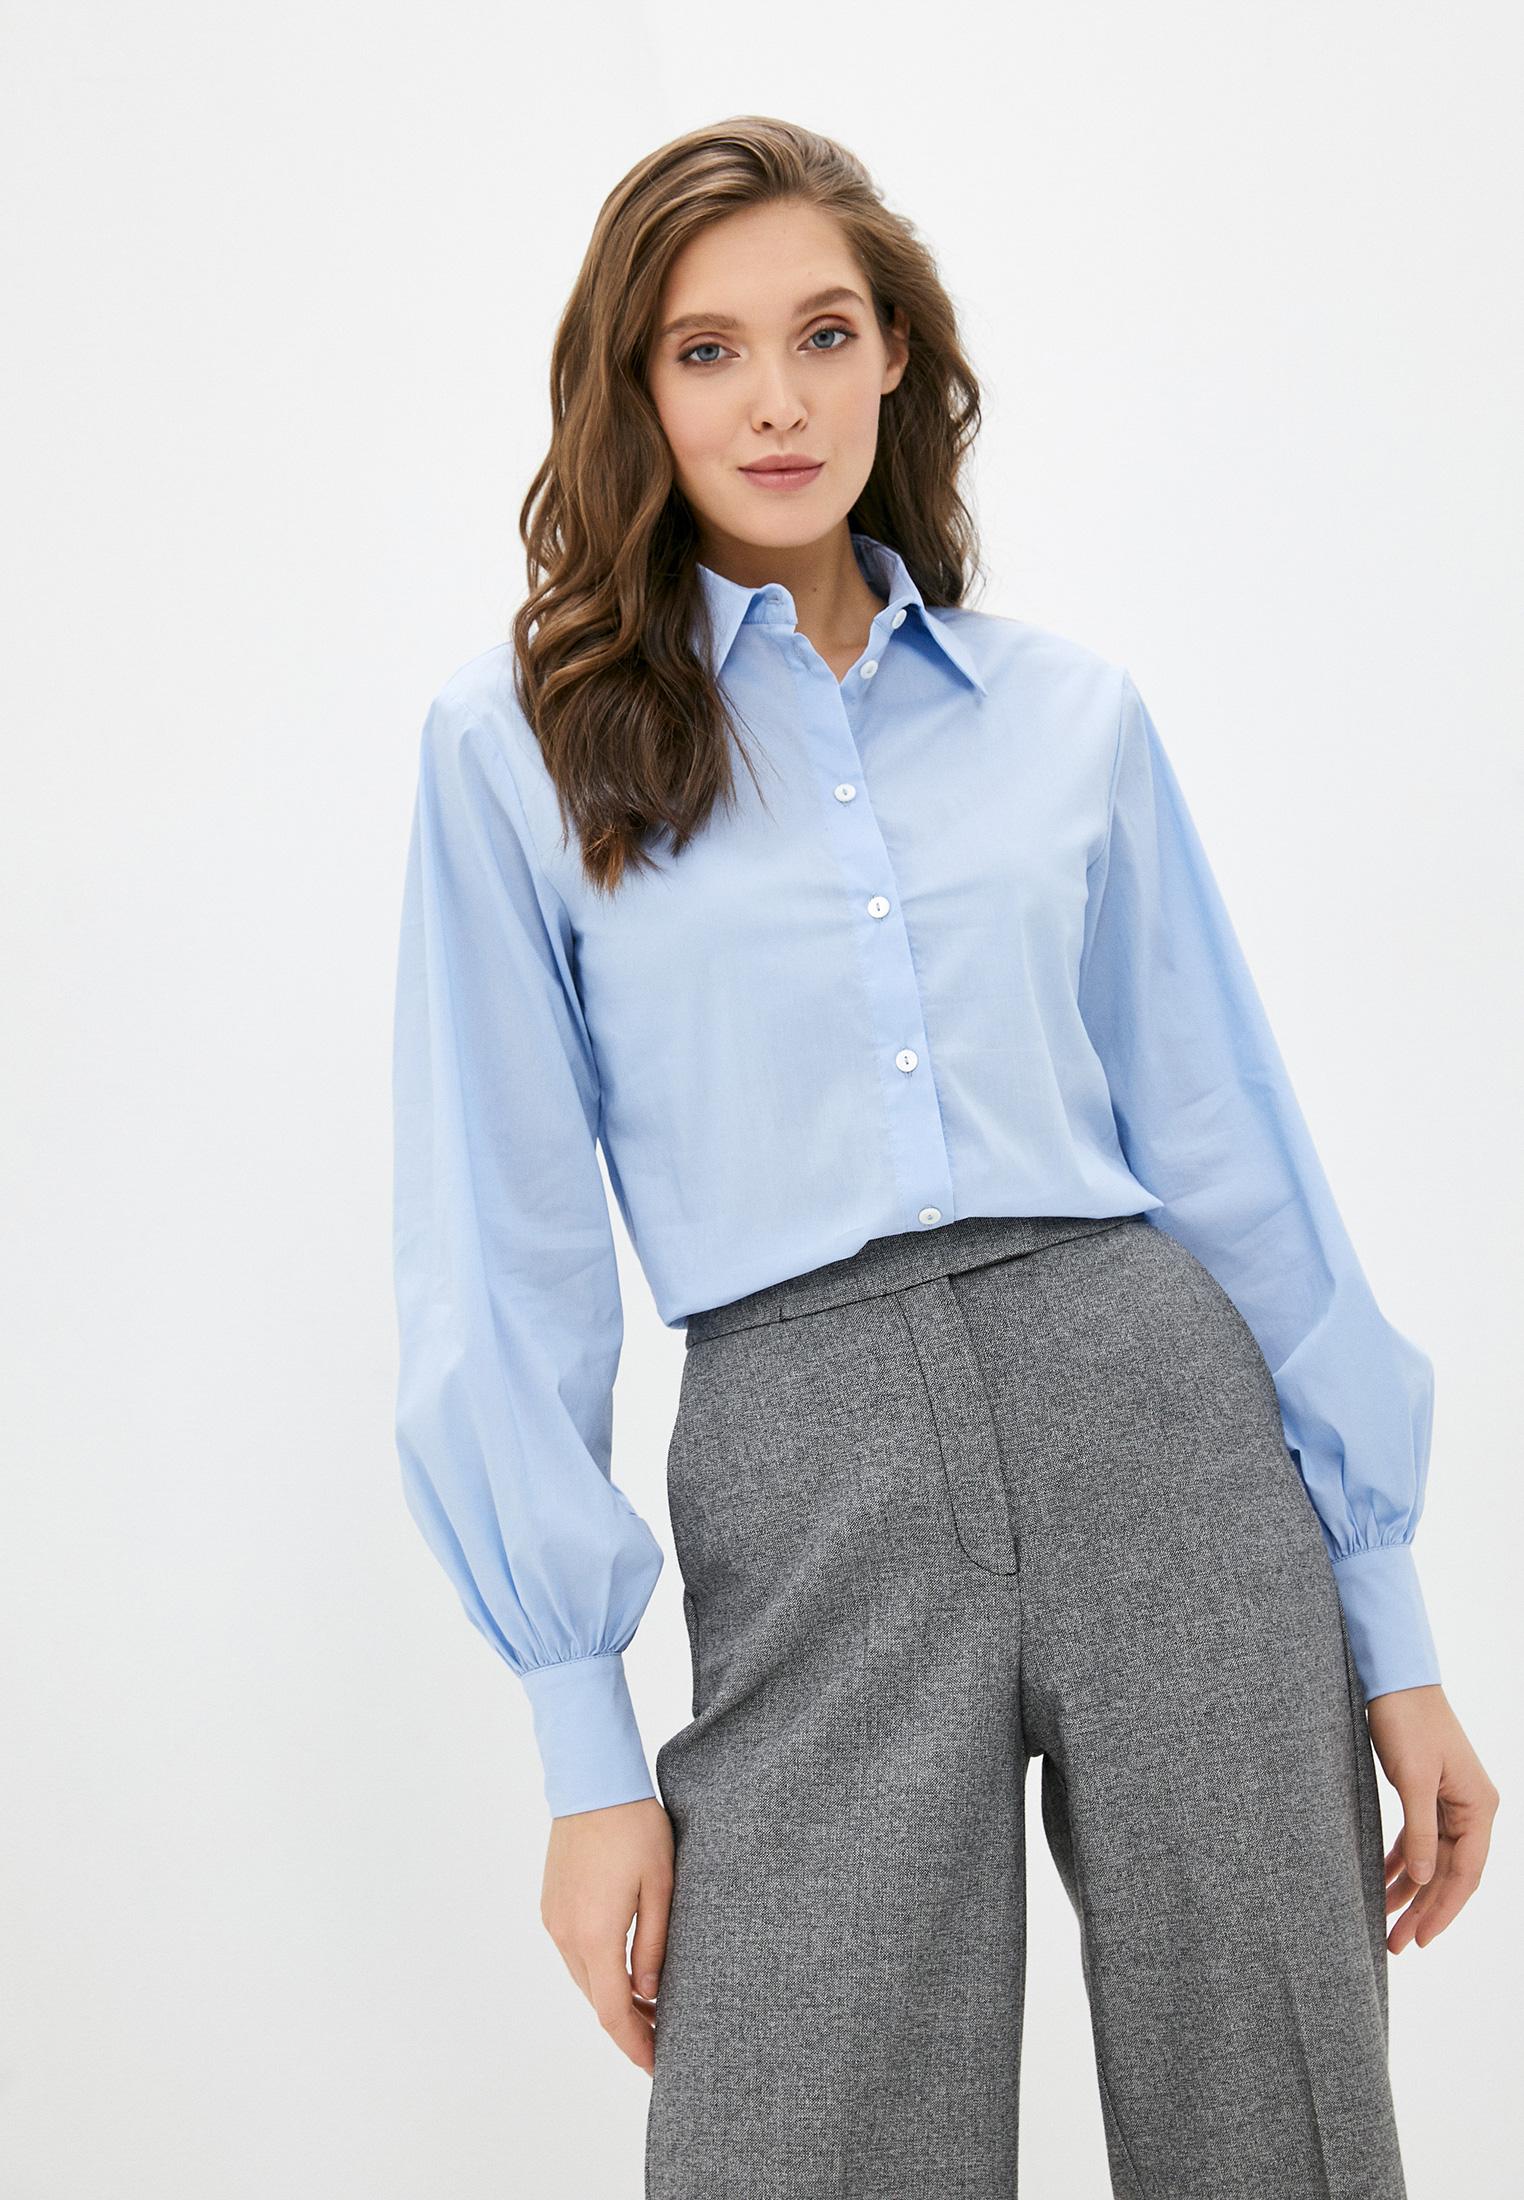 Женские рубашки с длинным рукавом Imocean Рубашка Imocean